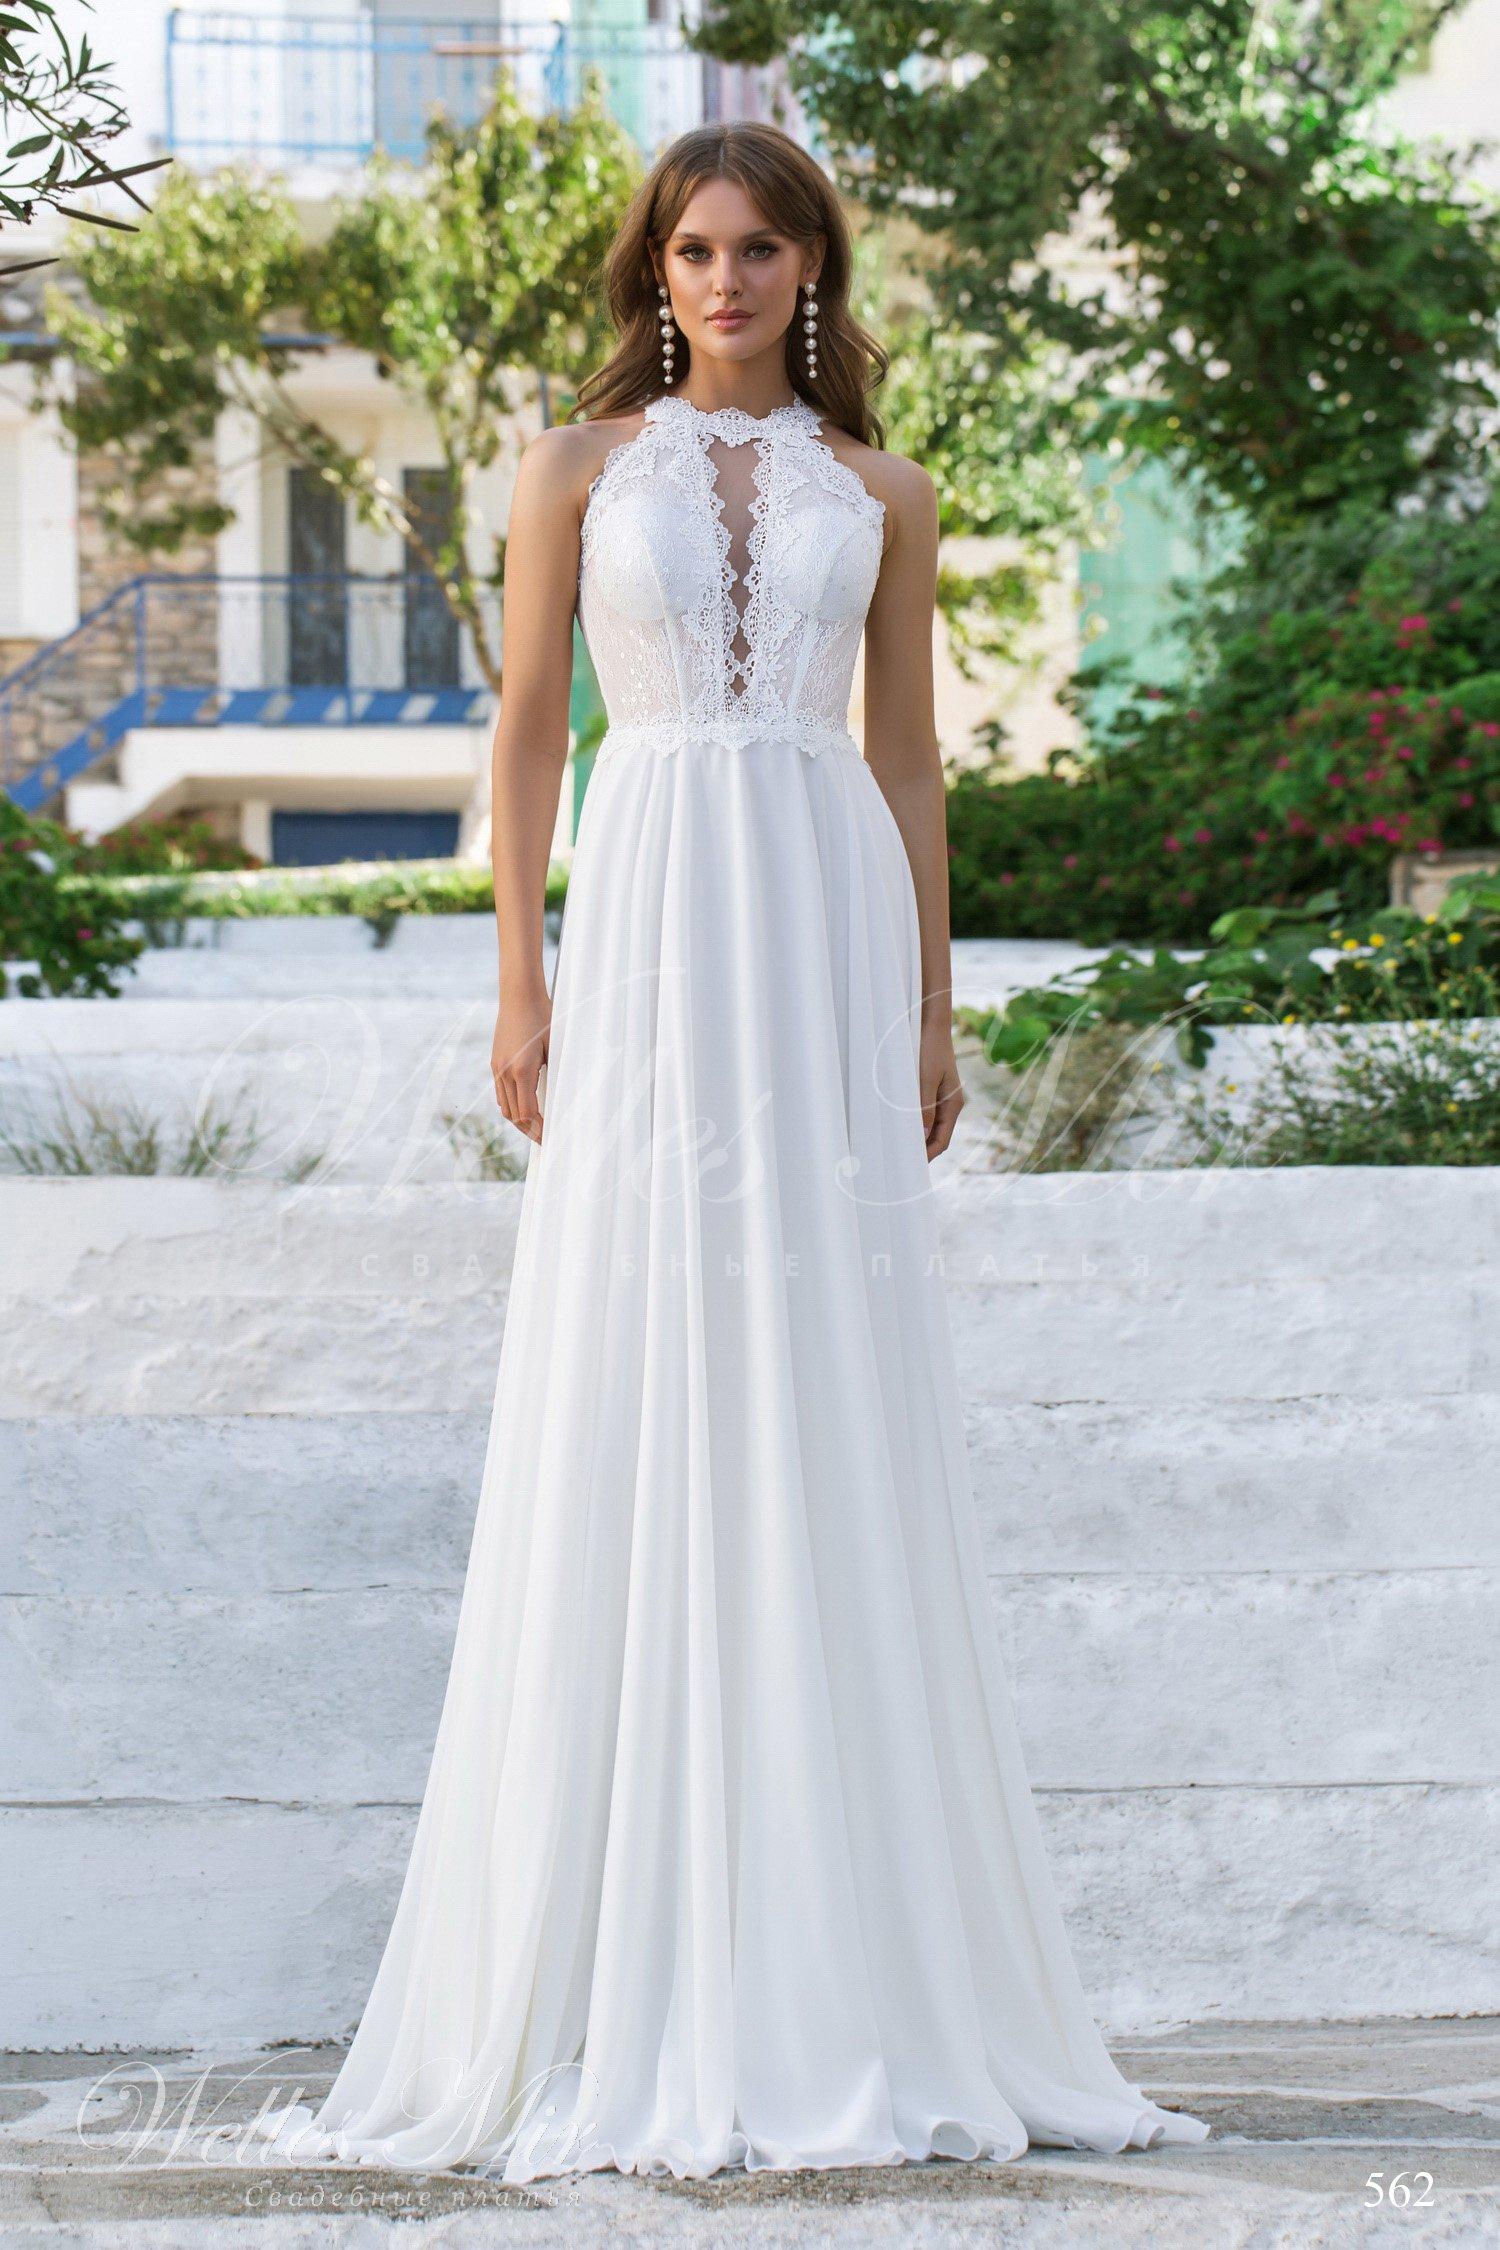 Свадебные платья Limenas Collection - 562